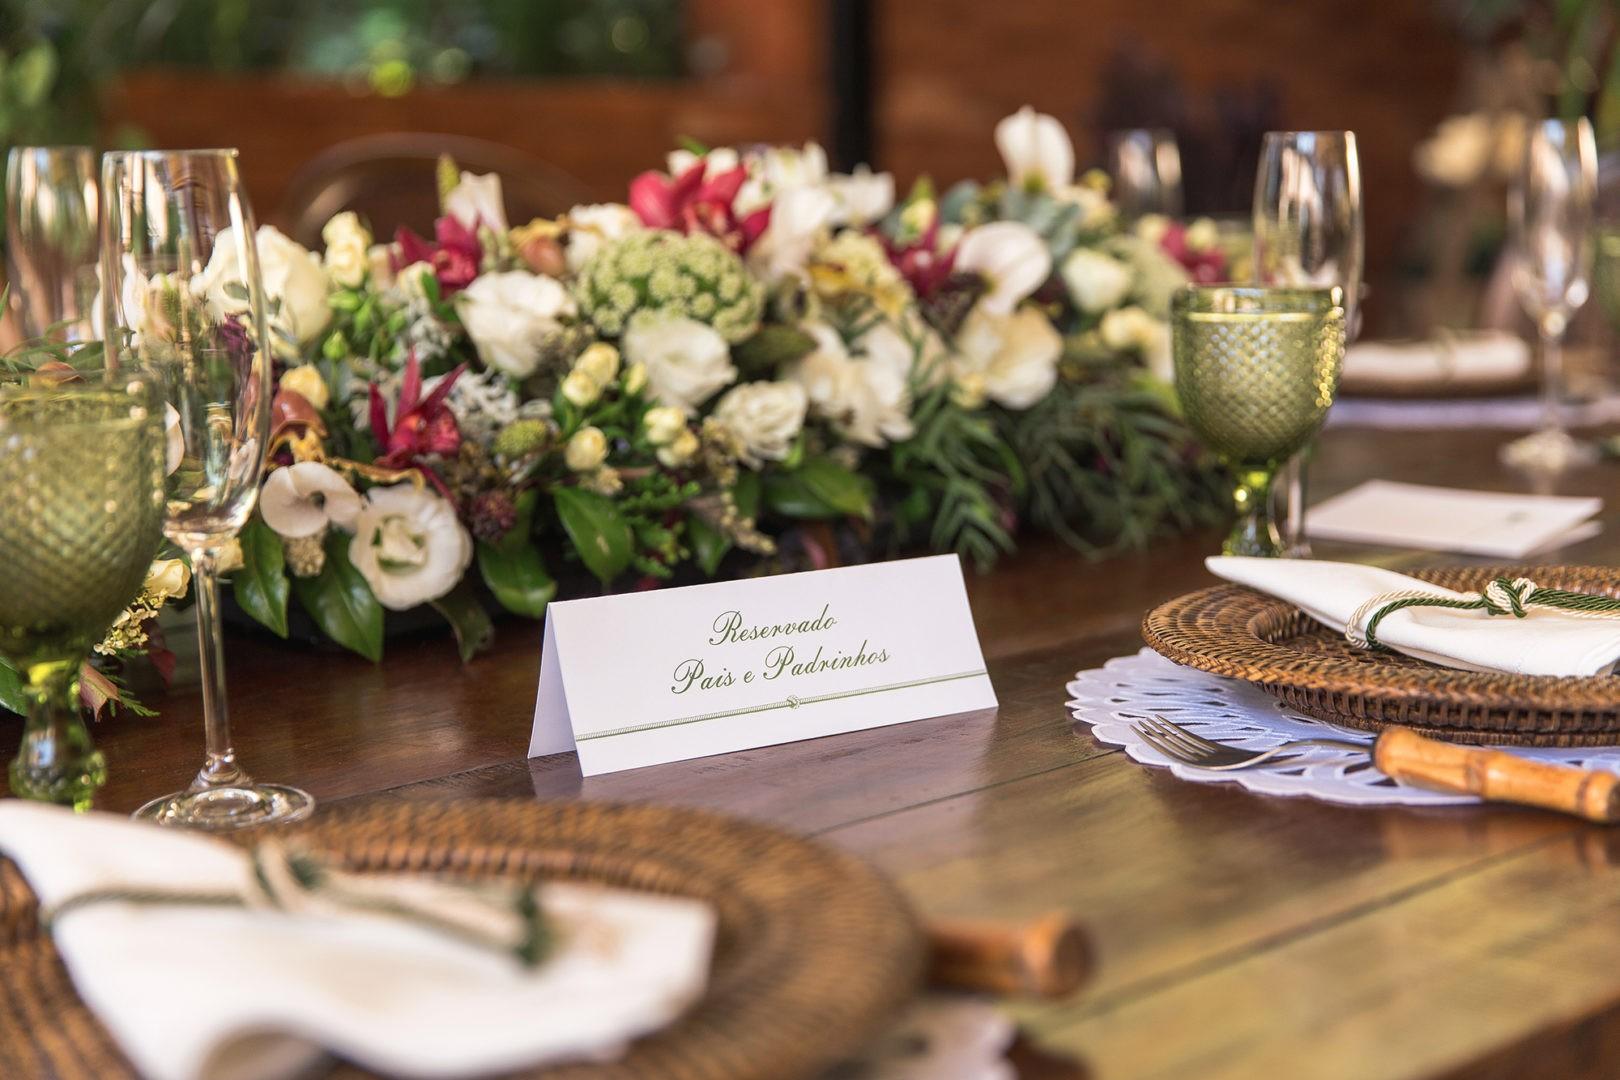 mesa decorada para pais e padrinhos